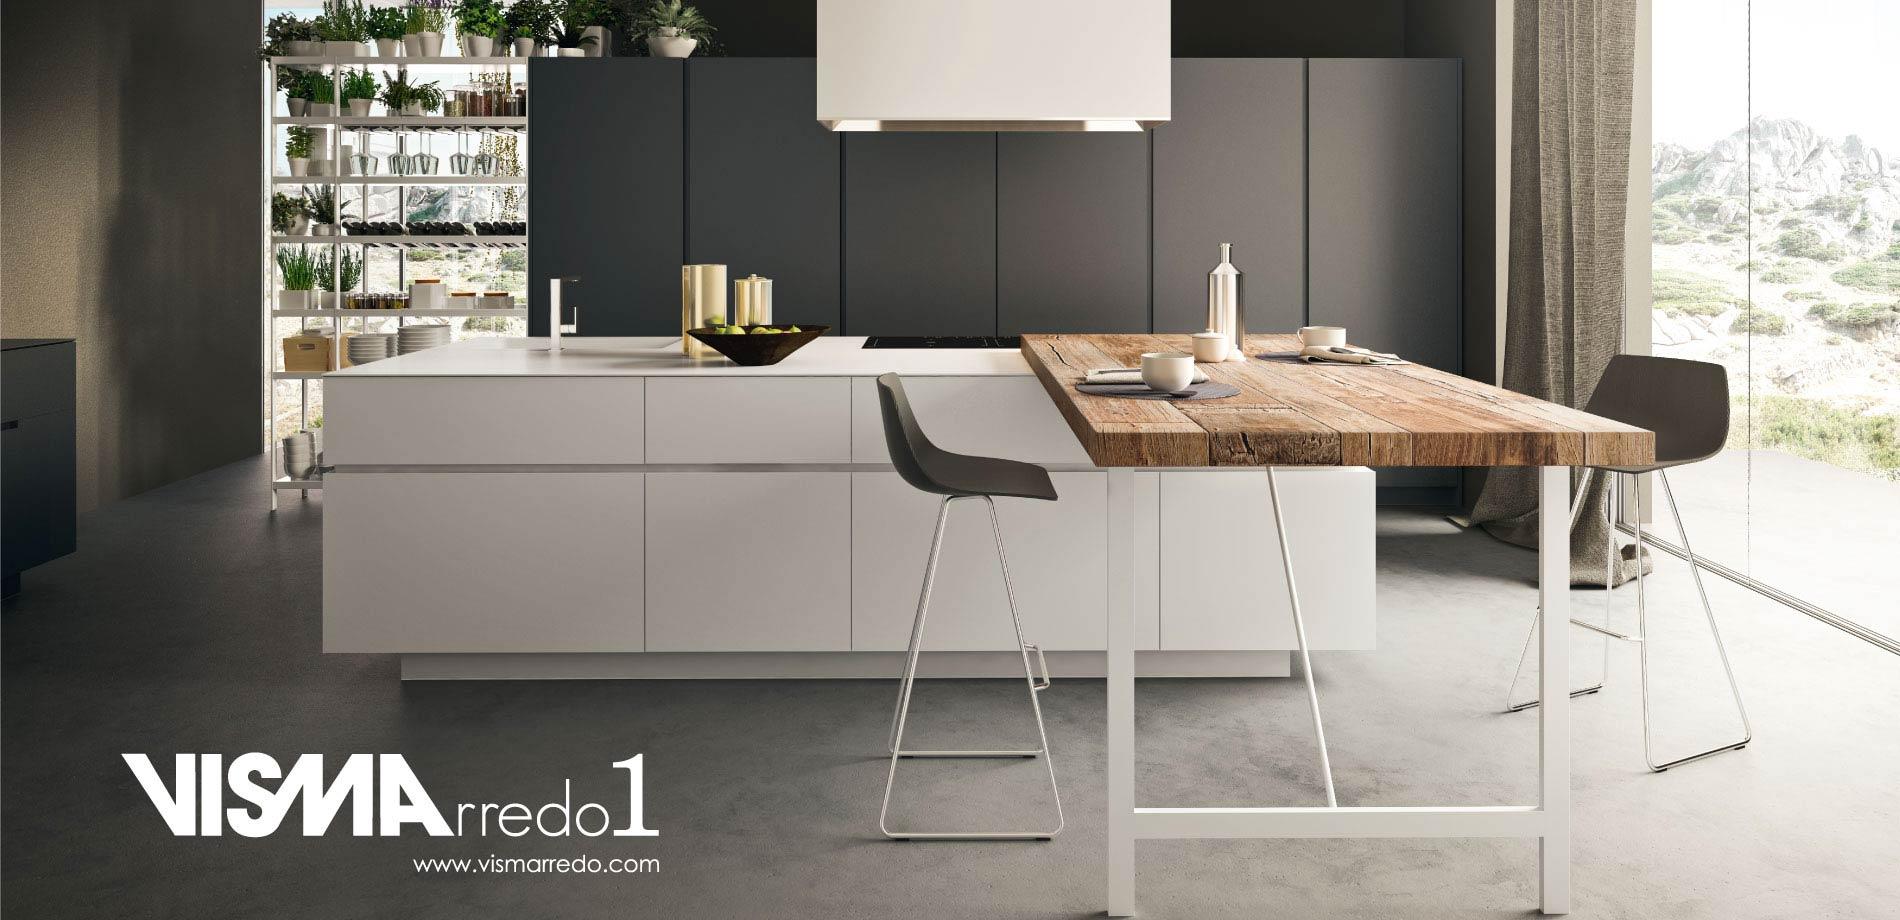 ... mobili per casa, ufficio e hotel. Showroom a Padova, Vicenza e Treviso